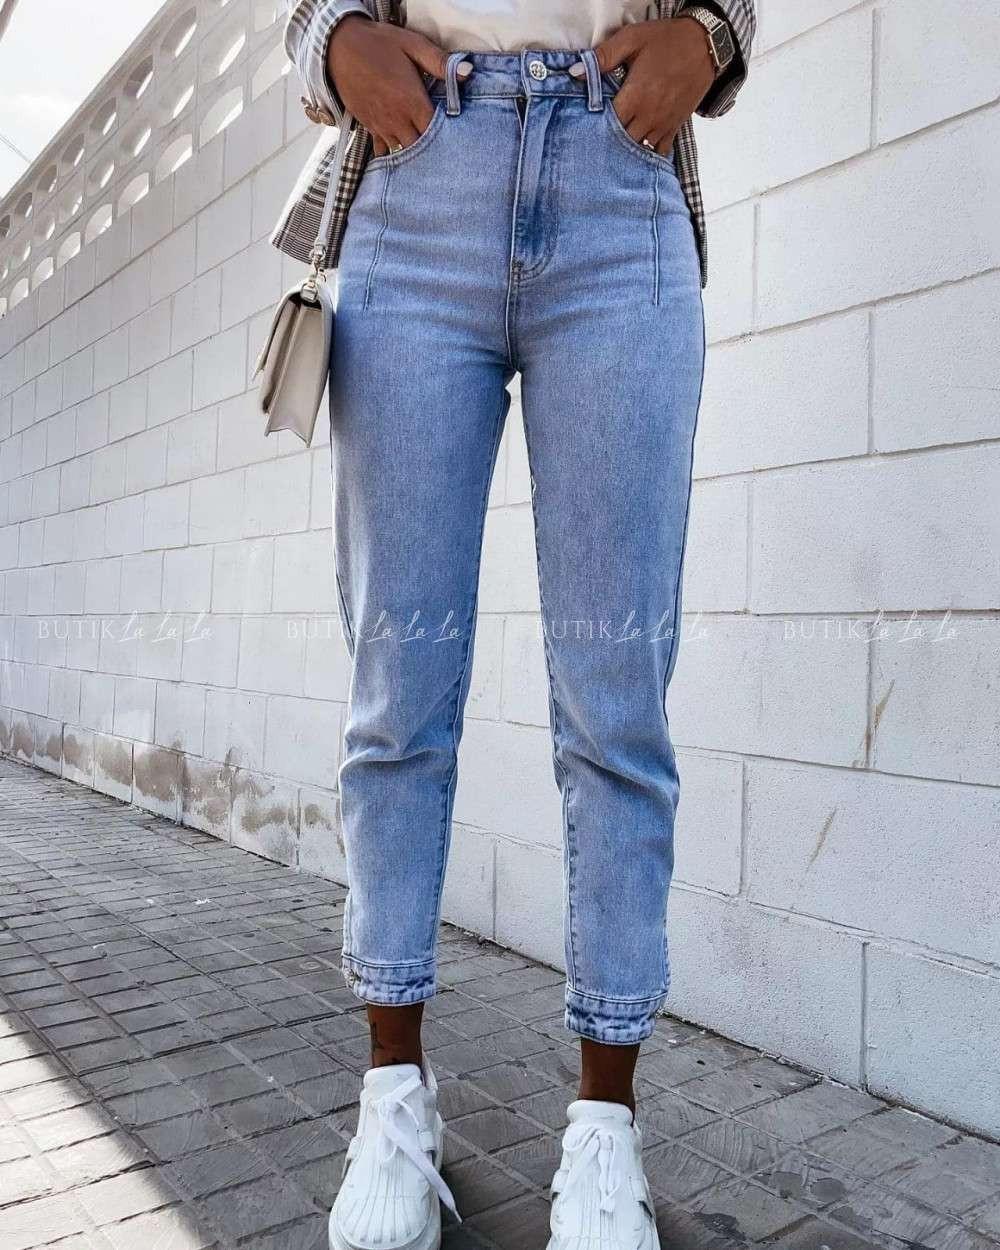 jeansy jasne damskie